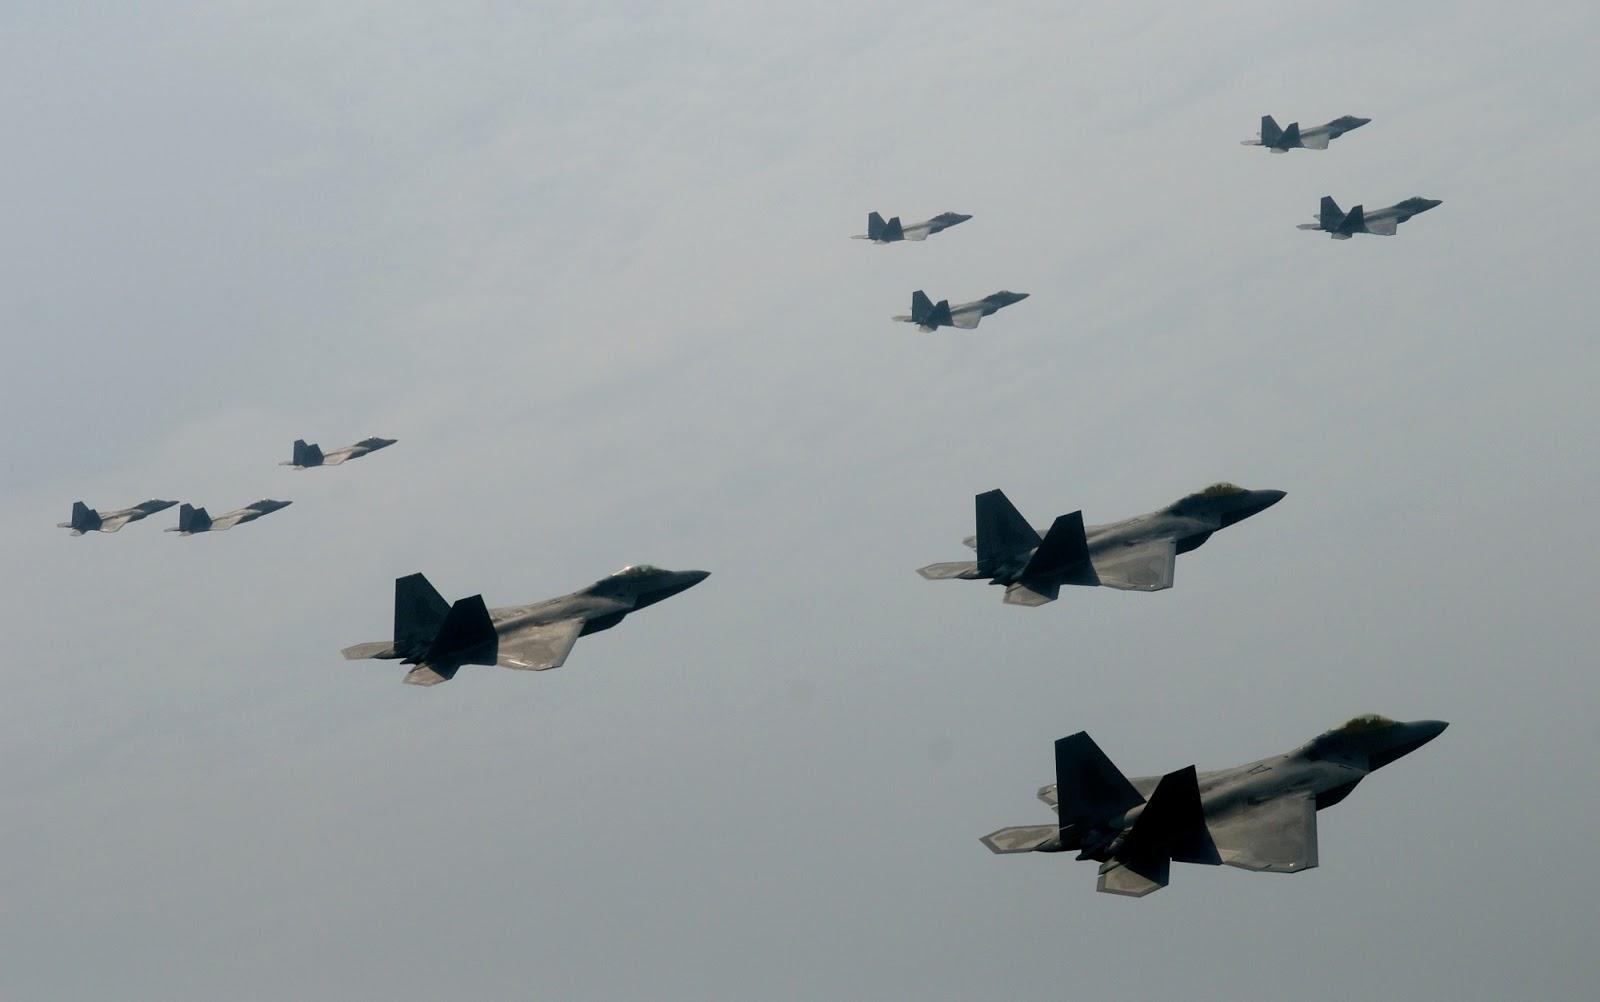 美军在中国周边又有大动作,美媒:正向西太派出25架隐形战斗机